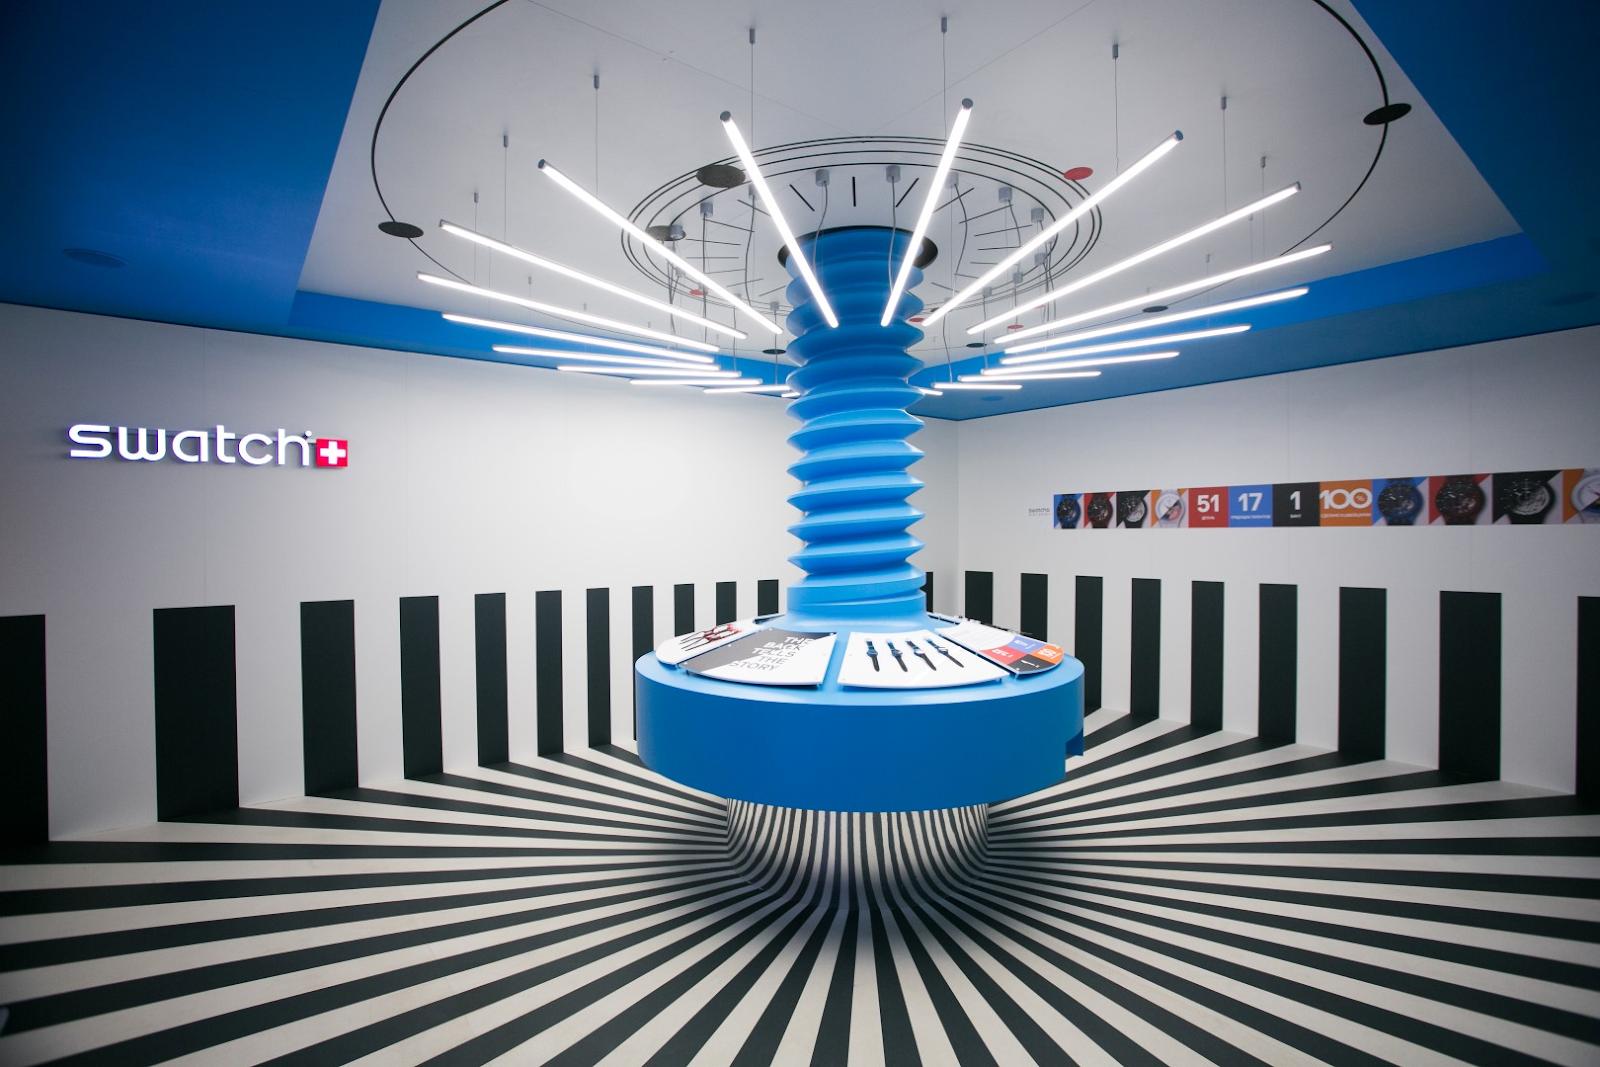 Première boutique éphémère de Swatch en 2014 sur les Champs-Elysées